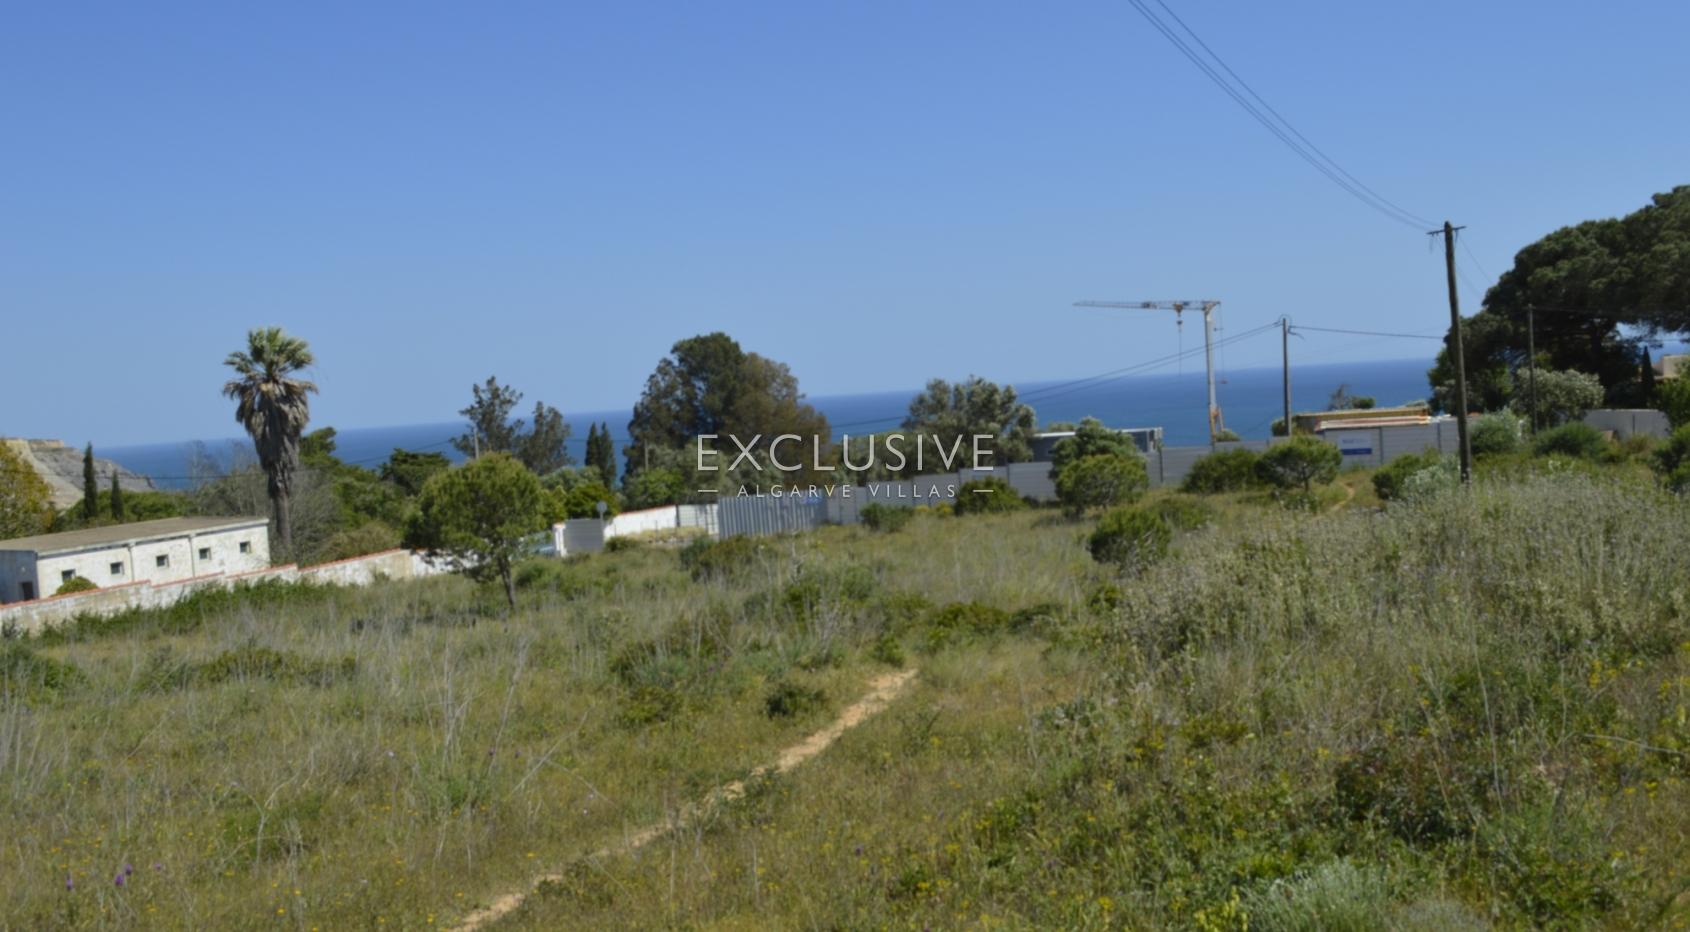 Grande lote de terreno com vista mar para venda na Luz Lagos, Algarve_2